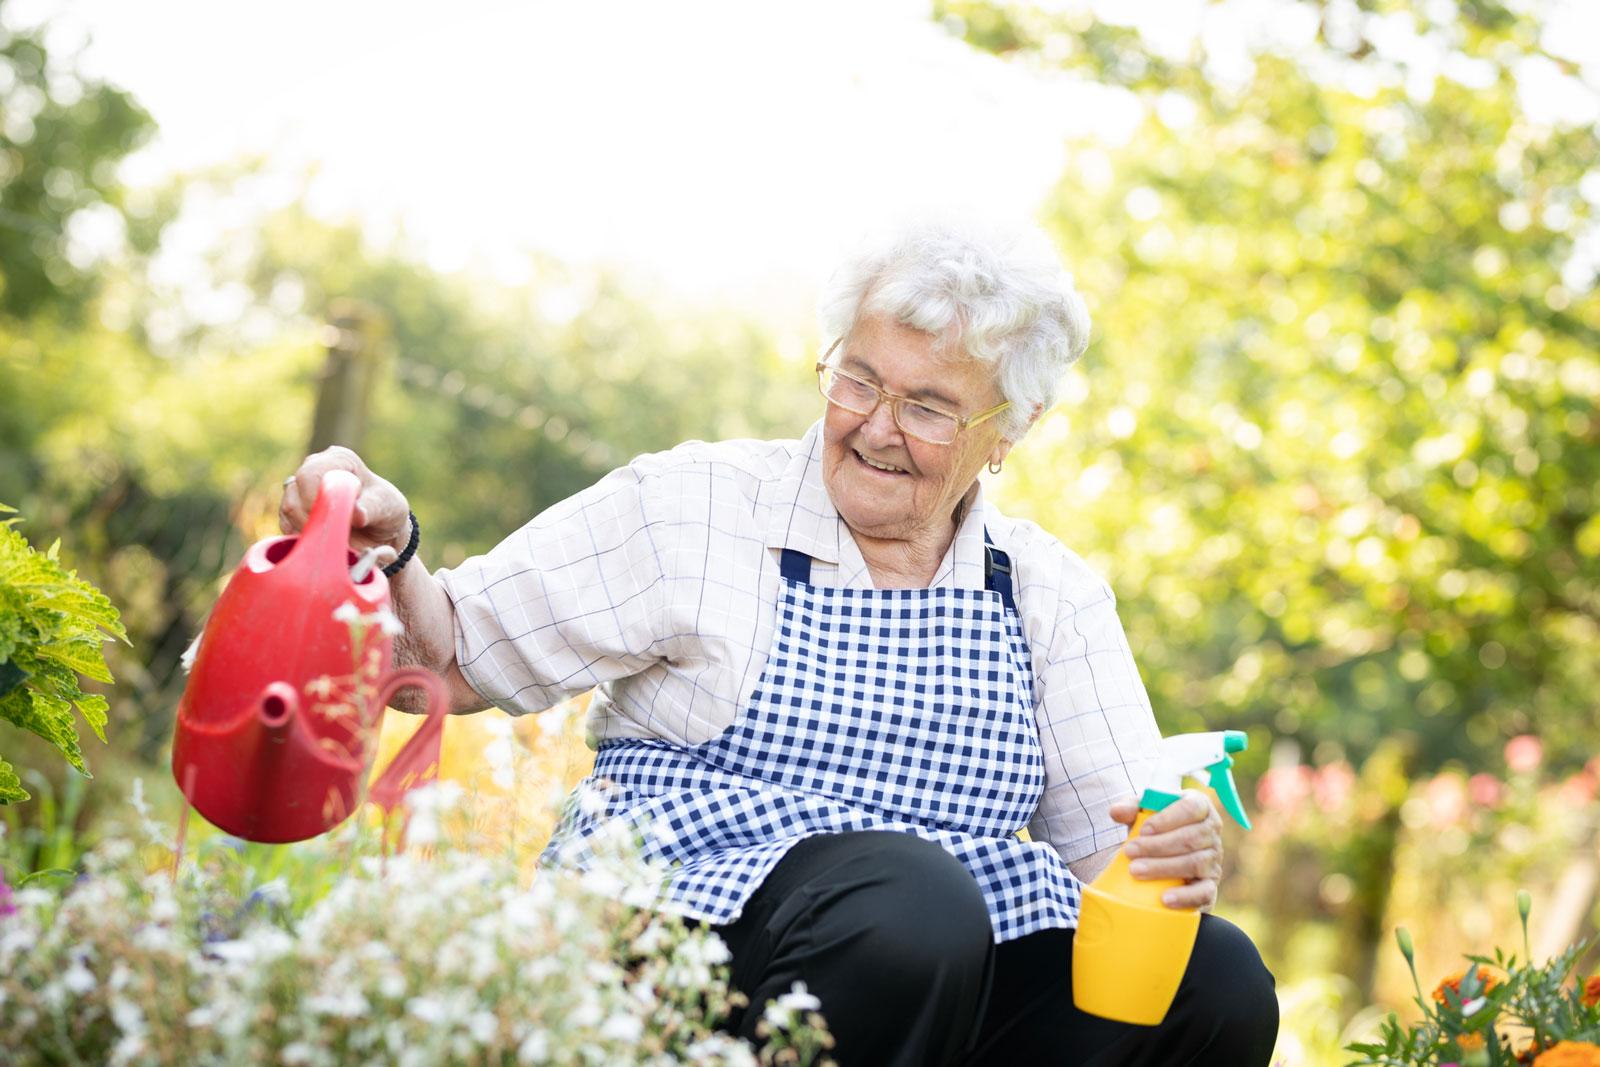 Harvard-Studie: Frauen mit gesunden Gewohnheiten haben eine durchschnittliche Lebenserwartung von 93 Jahren.